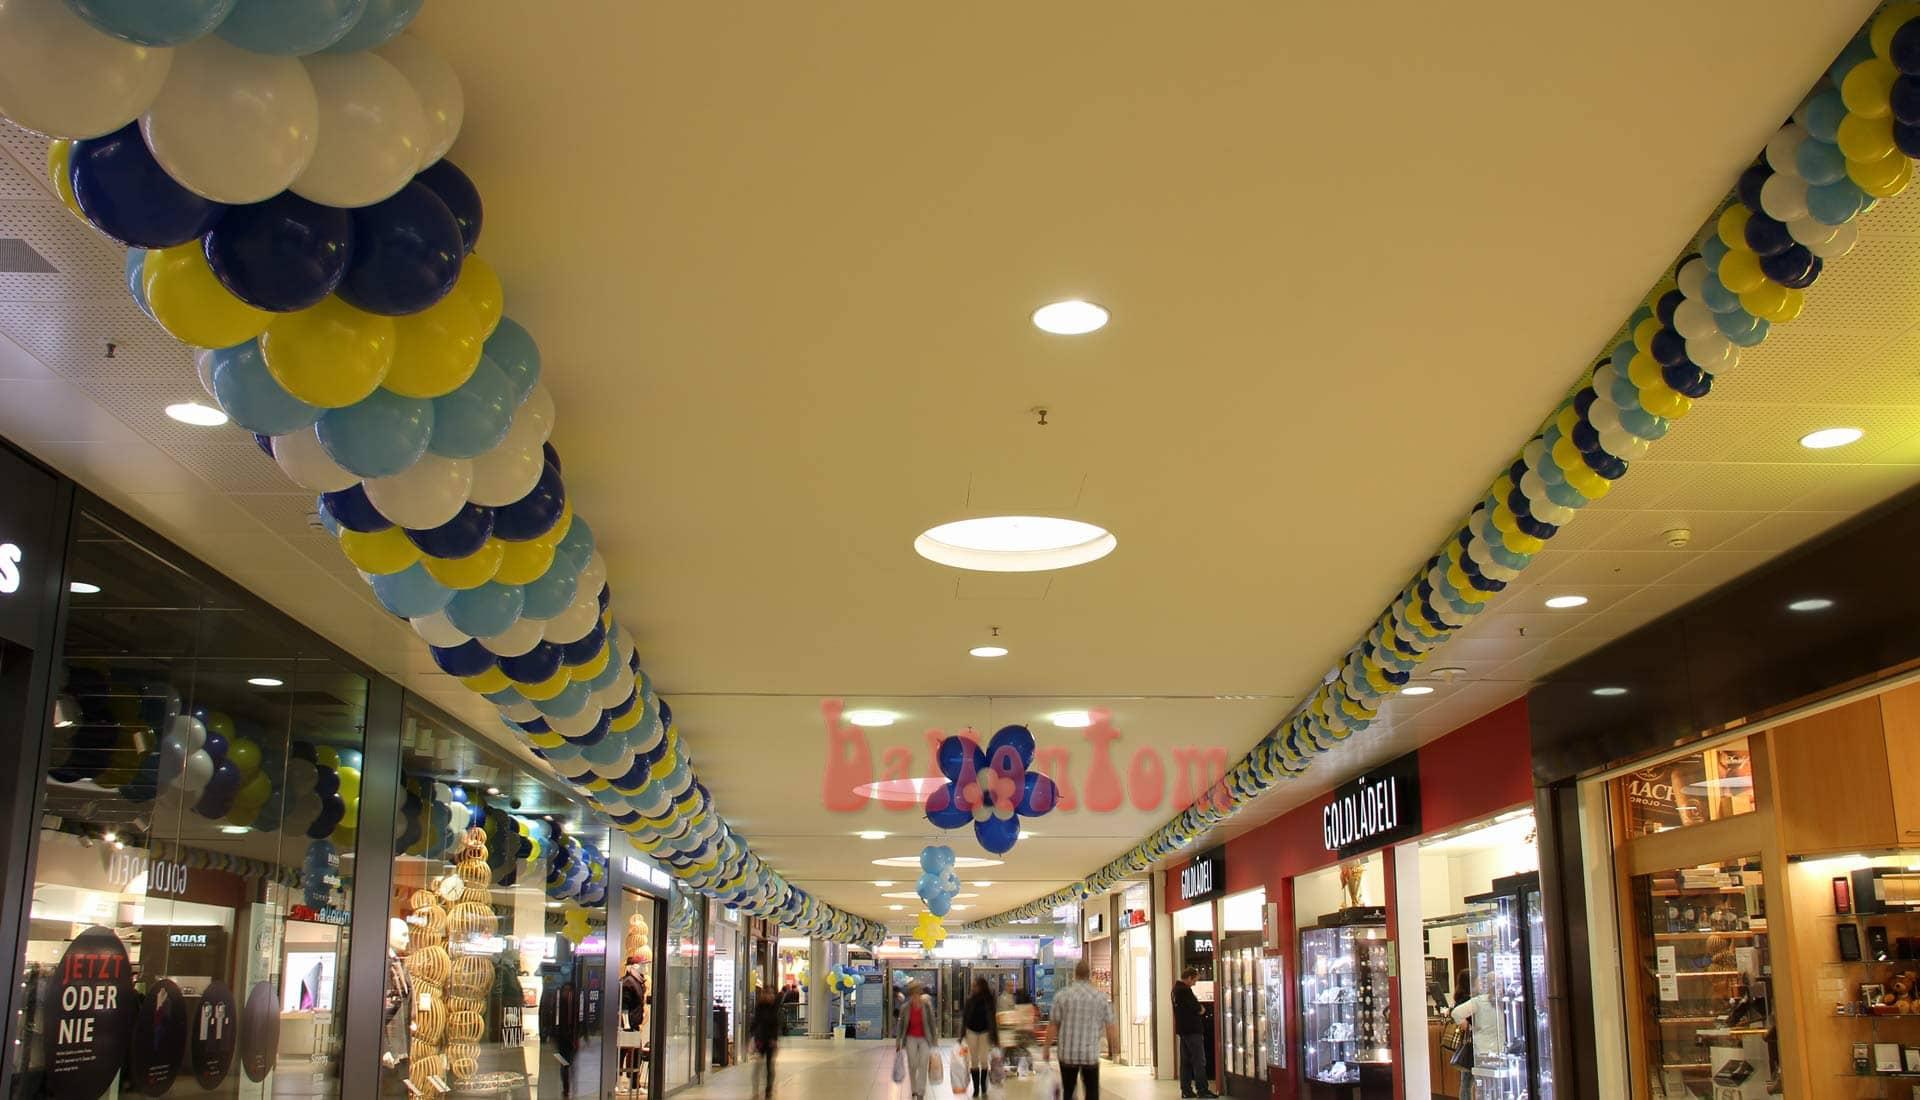 Jubiläum Seedam Center - Projekt: Ballonbox - Foto: Walter Businger - Unterstützung durch ballontom